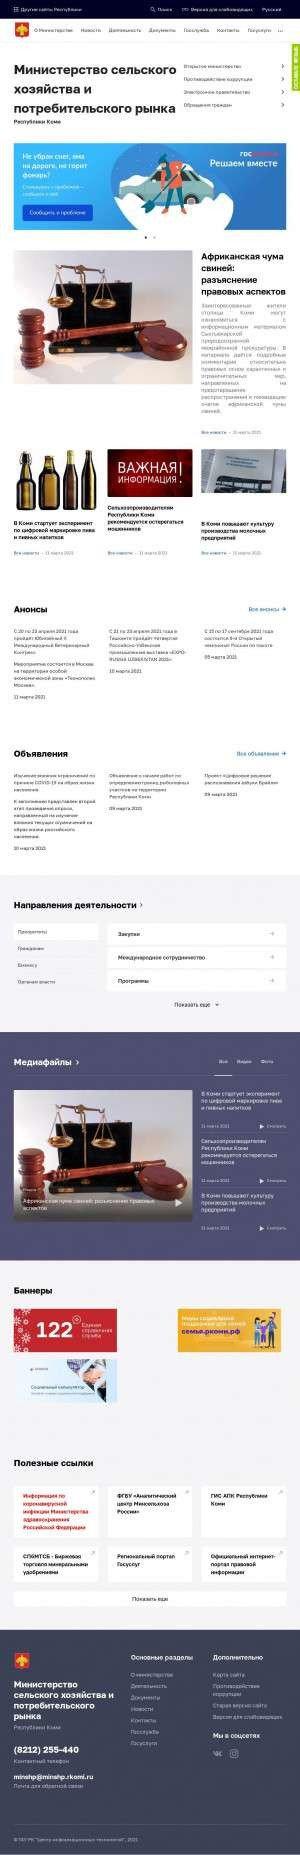 Предпросмотр для mshp.rkomi.ru — Министерство сельского хозяйства и потребительского рынка Республики Коми